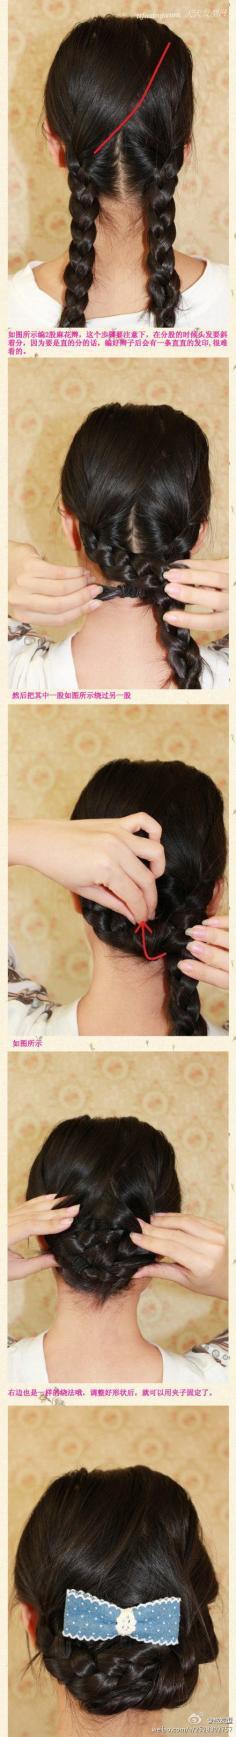 简单三分钟简单夏日麻花辫编发盘发,打造清新优雅的淑女造型